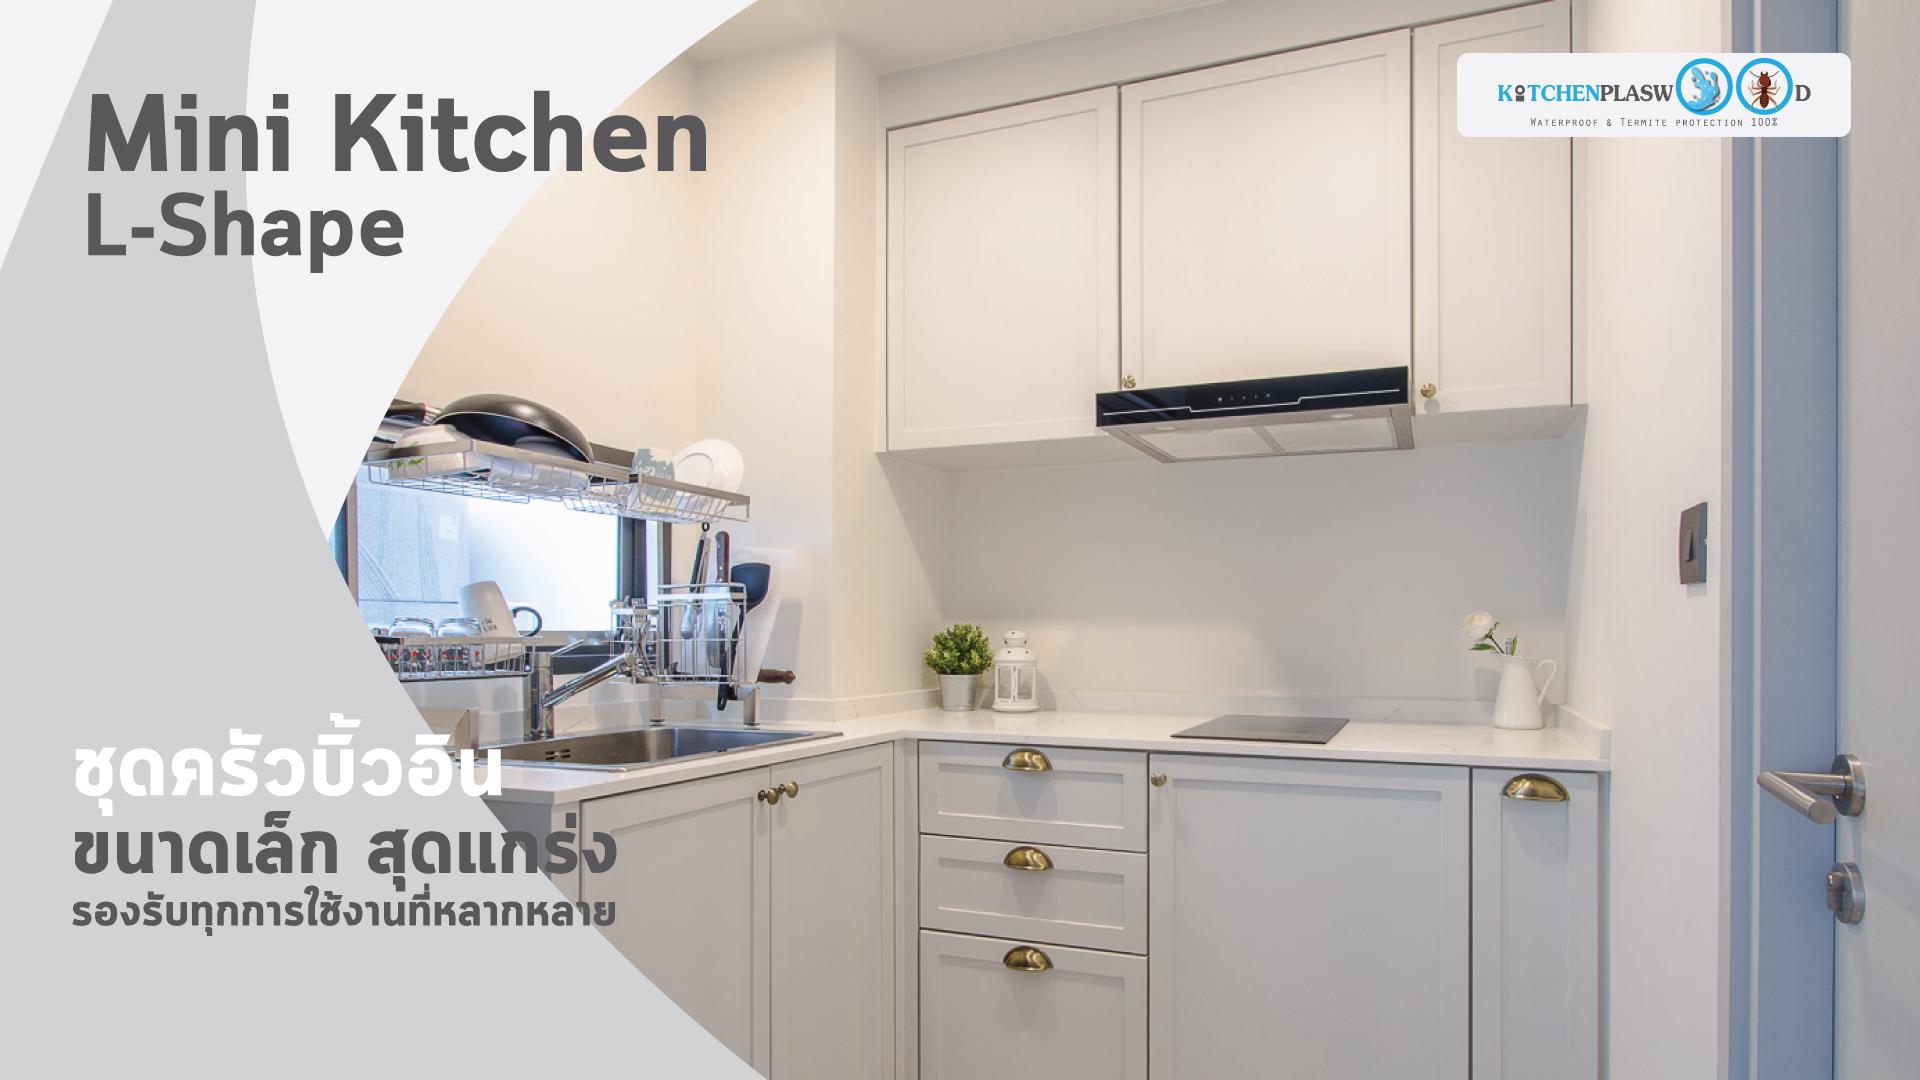 ชุดครัวบิ้วอินขนาดเล็ก Mini Kitchen L Shape,